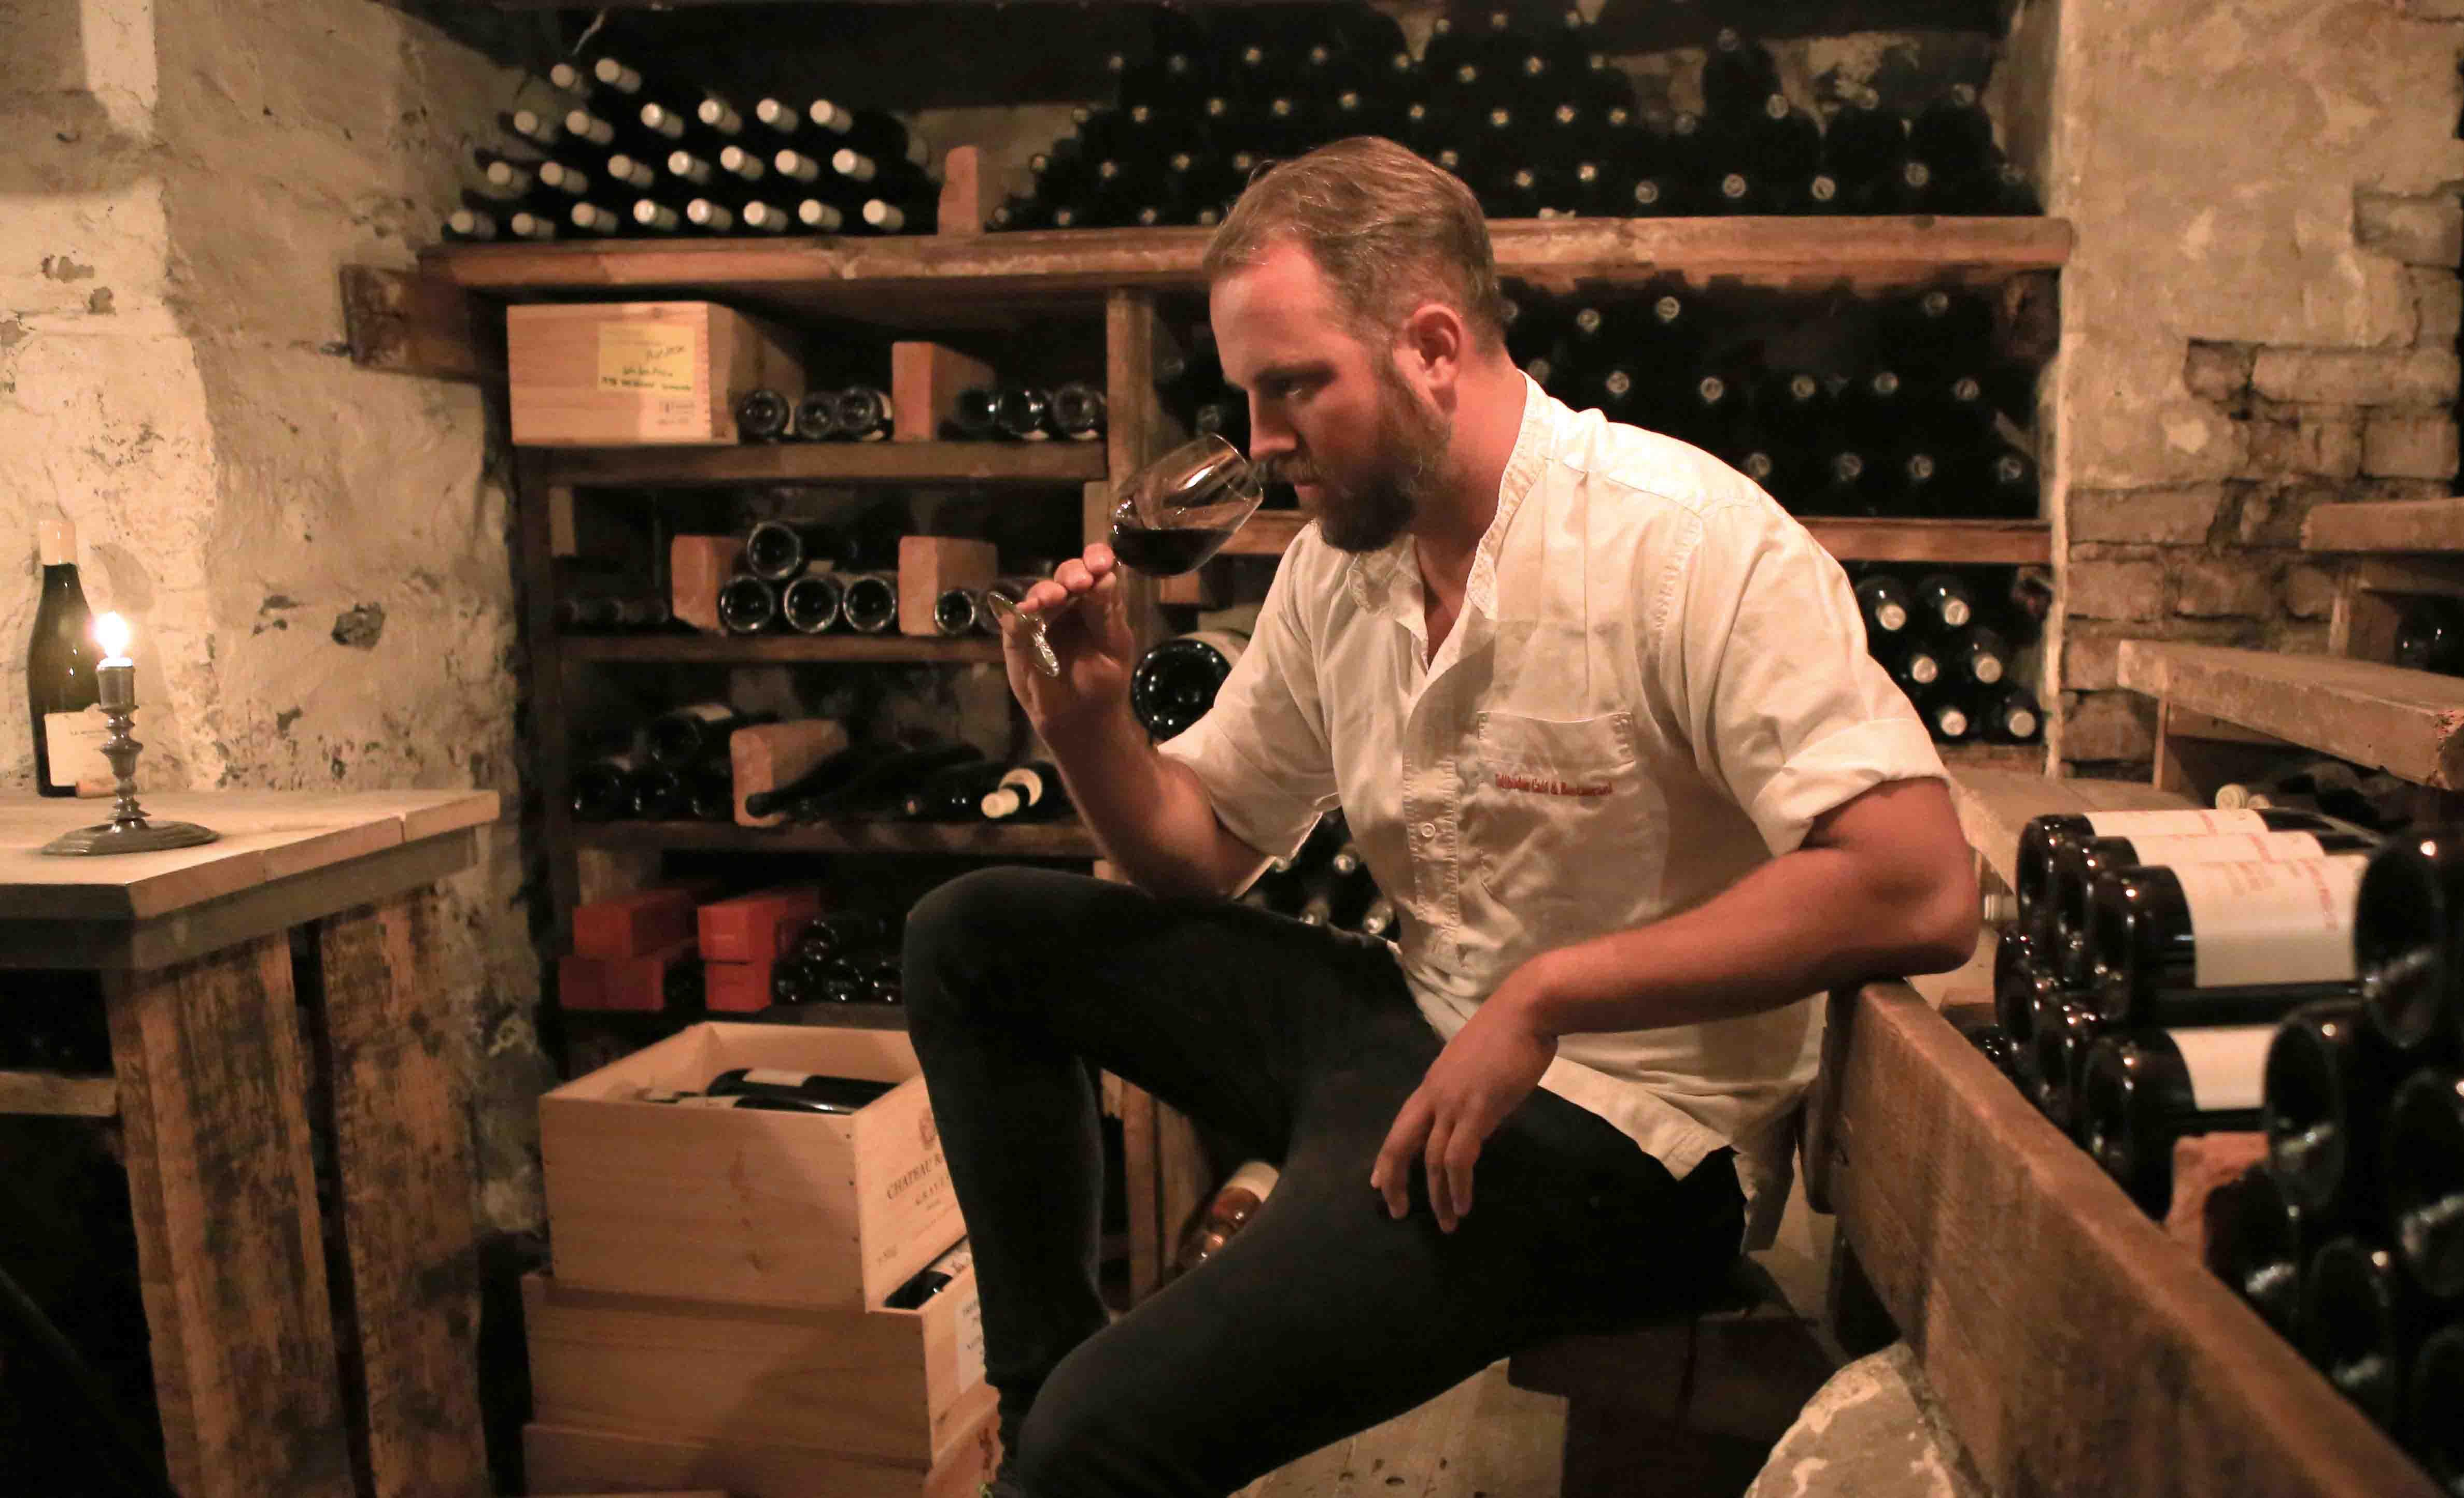 mann som lukter på vin i en vinkjeller omgitt av flasker